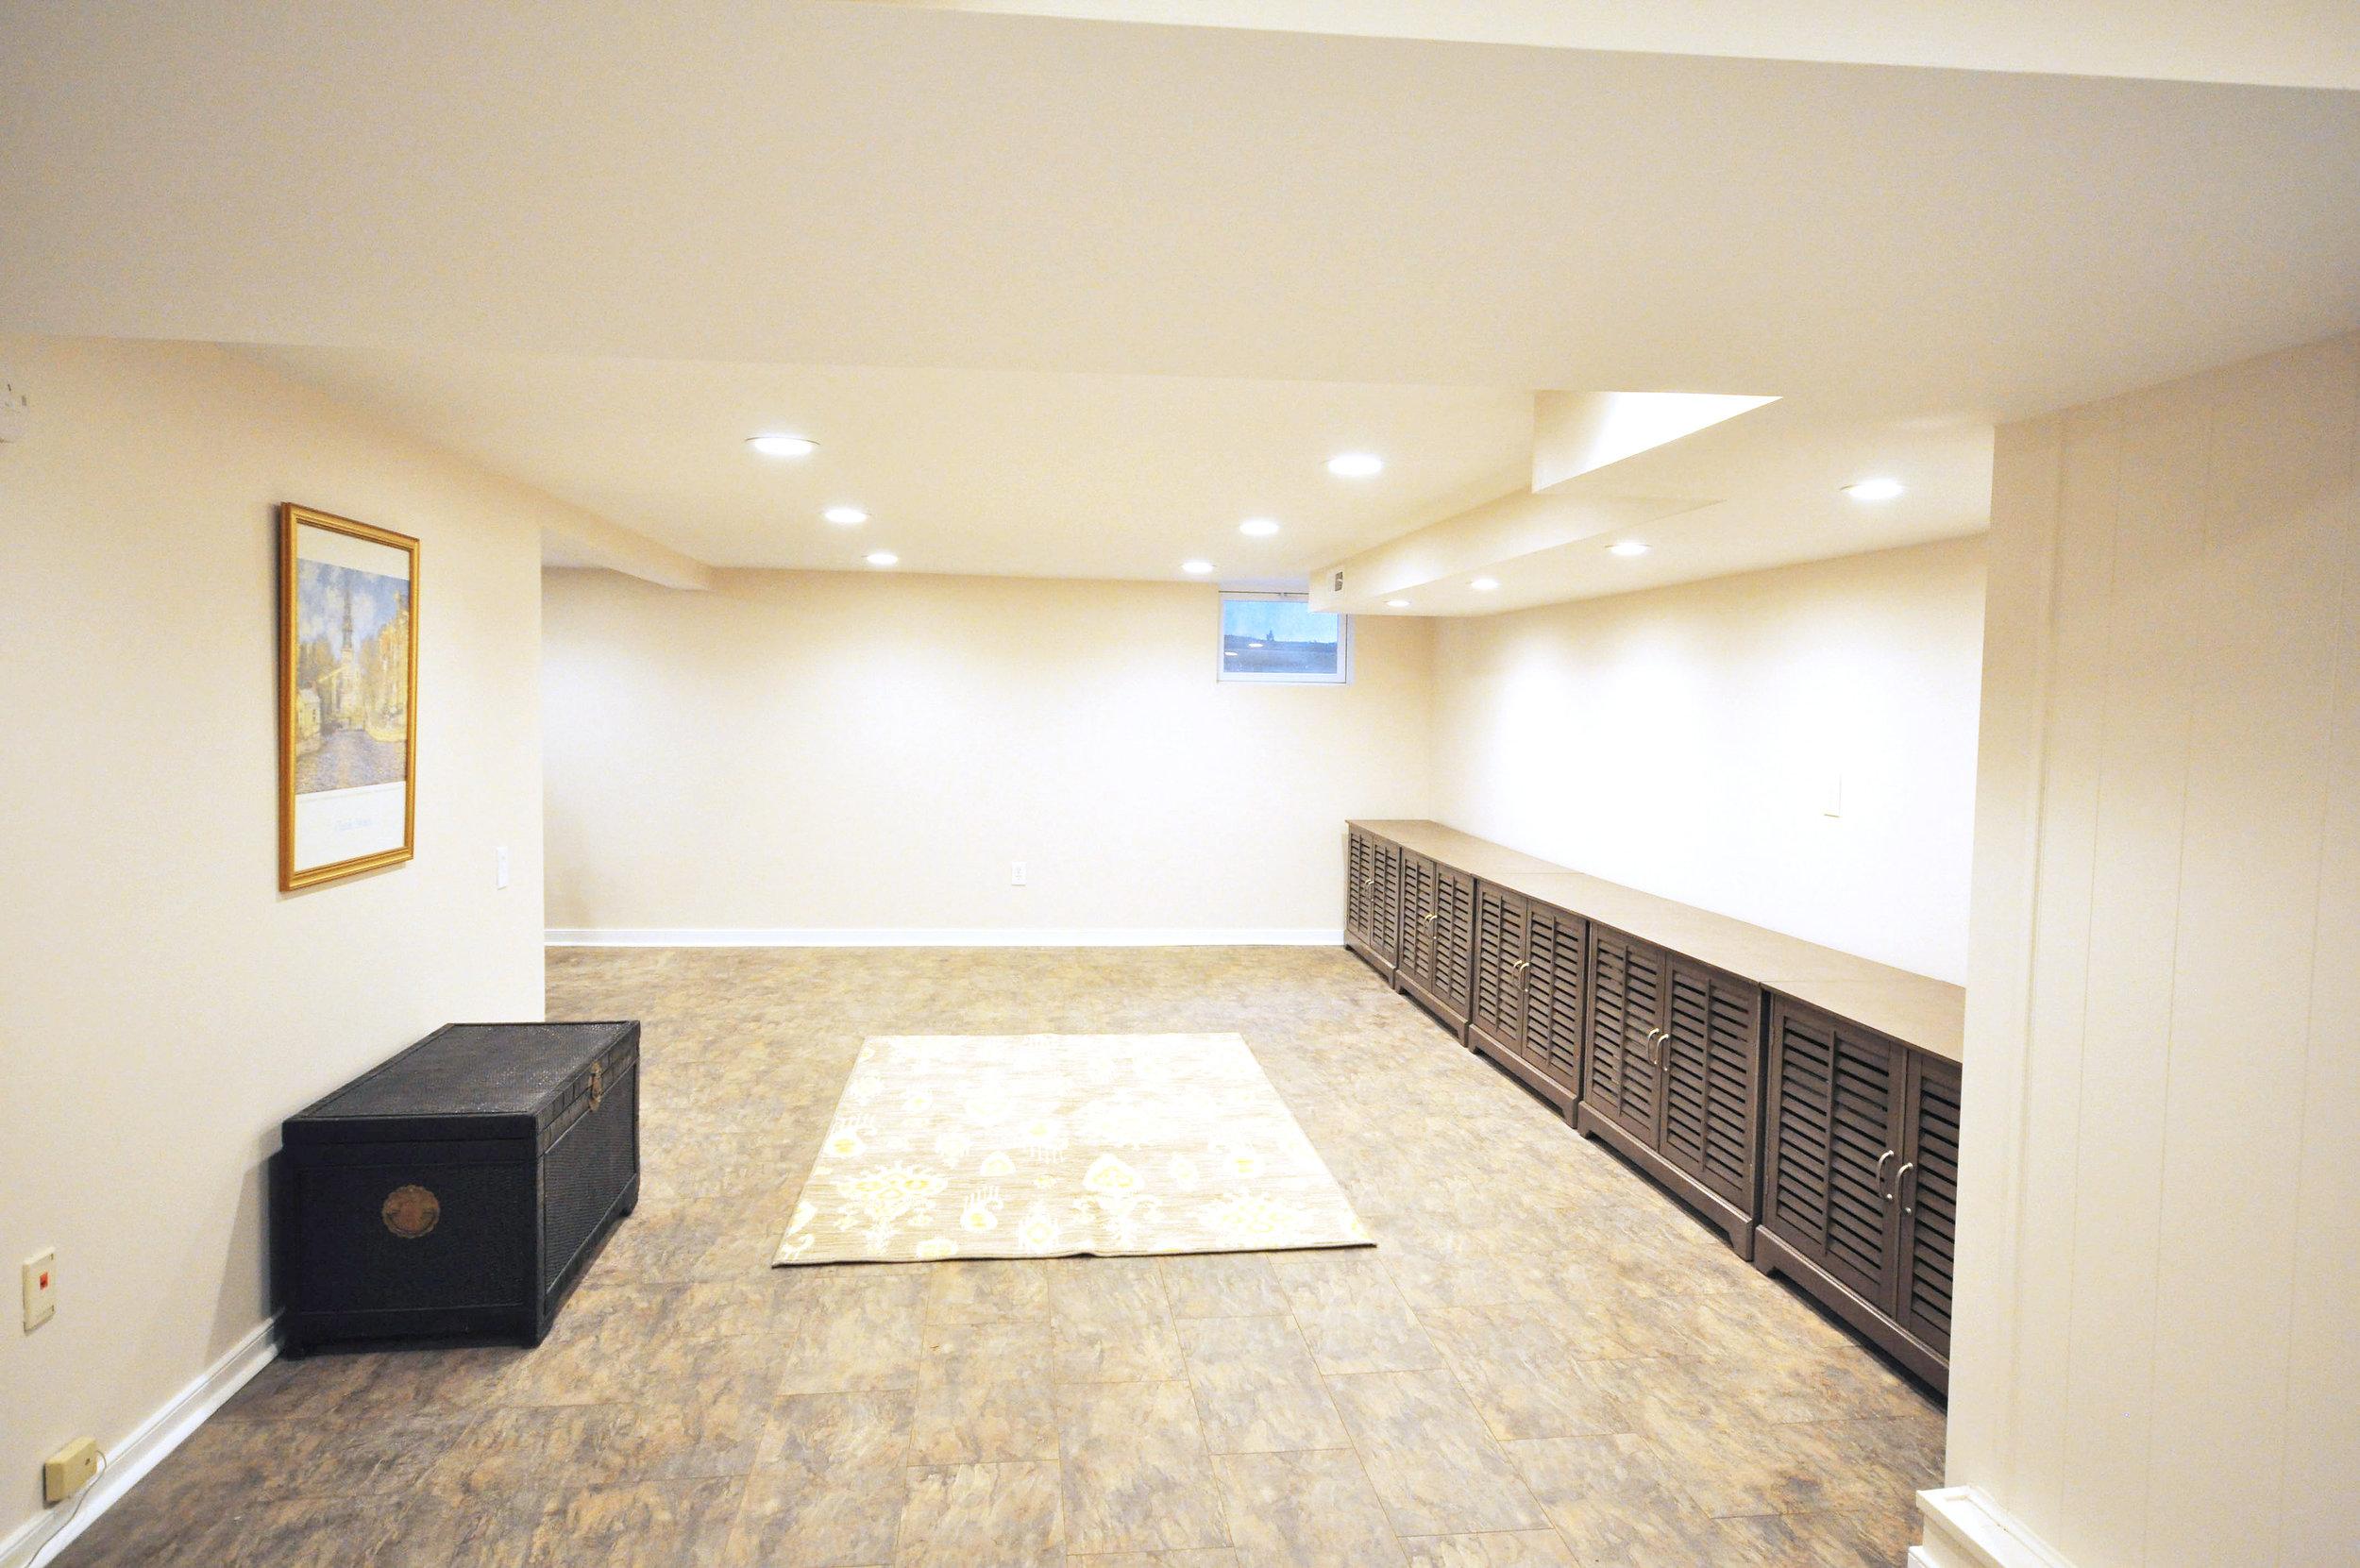 Matoaka finished basement.jpg